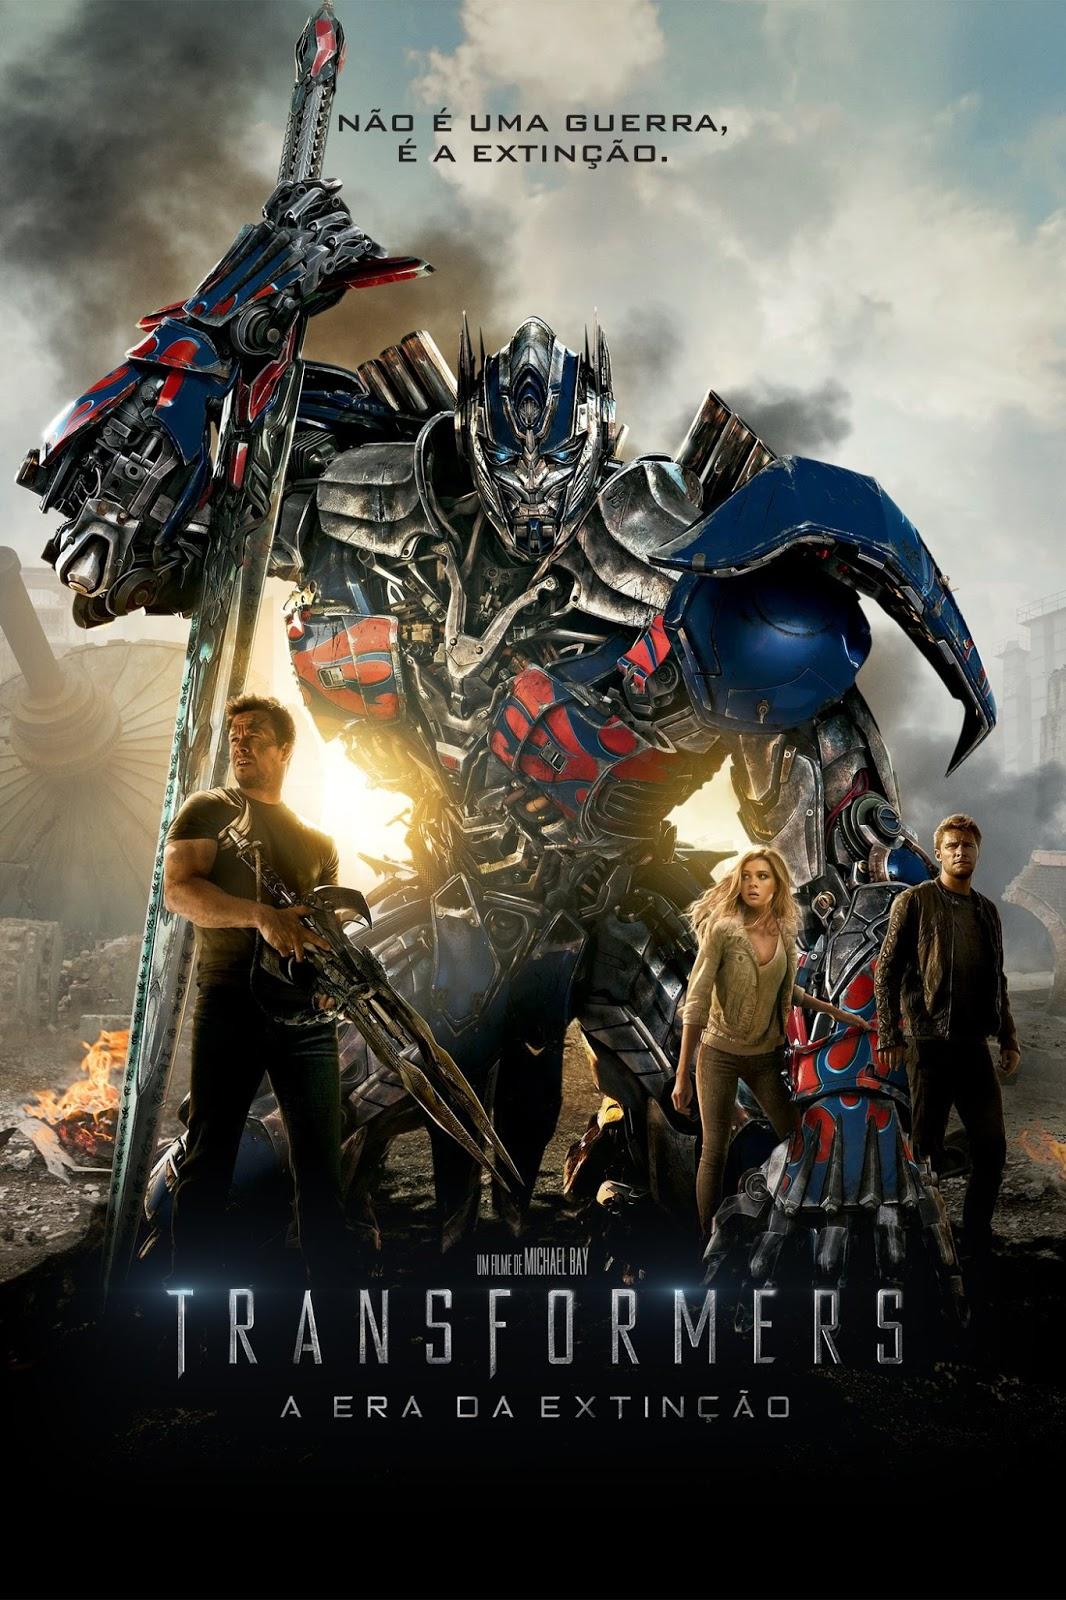 Transformers 4: A Era da Extinção – Dublado (2014)